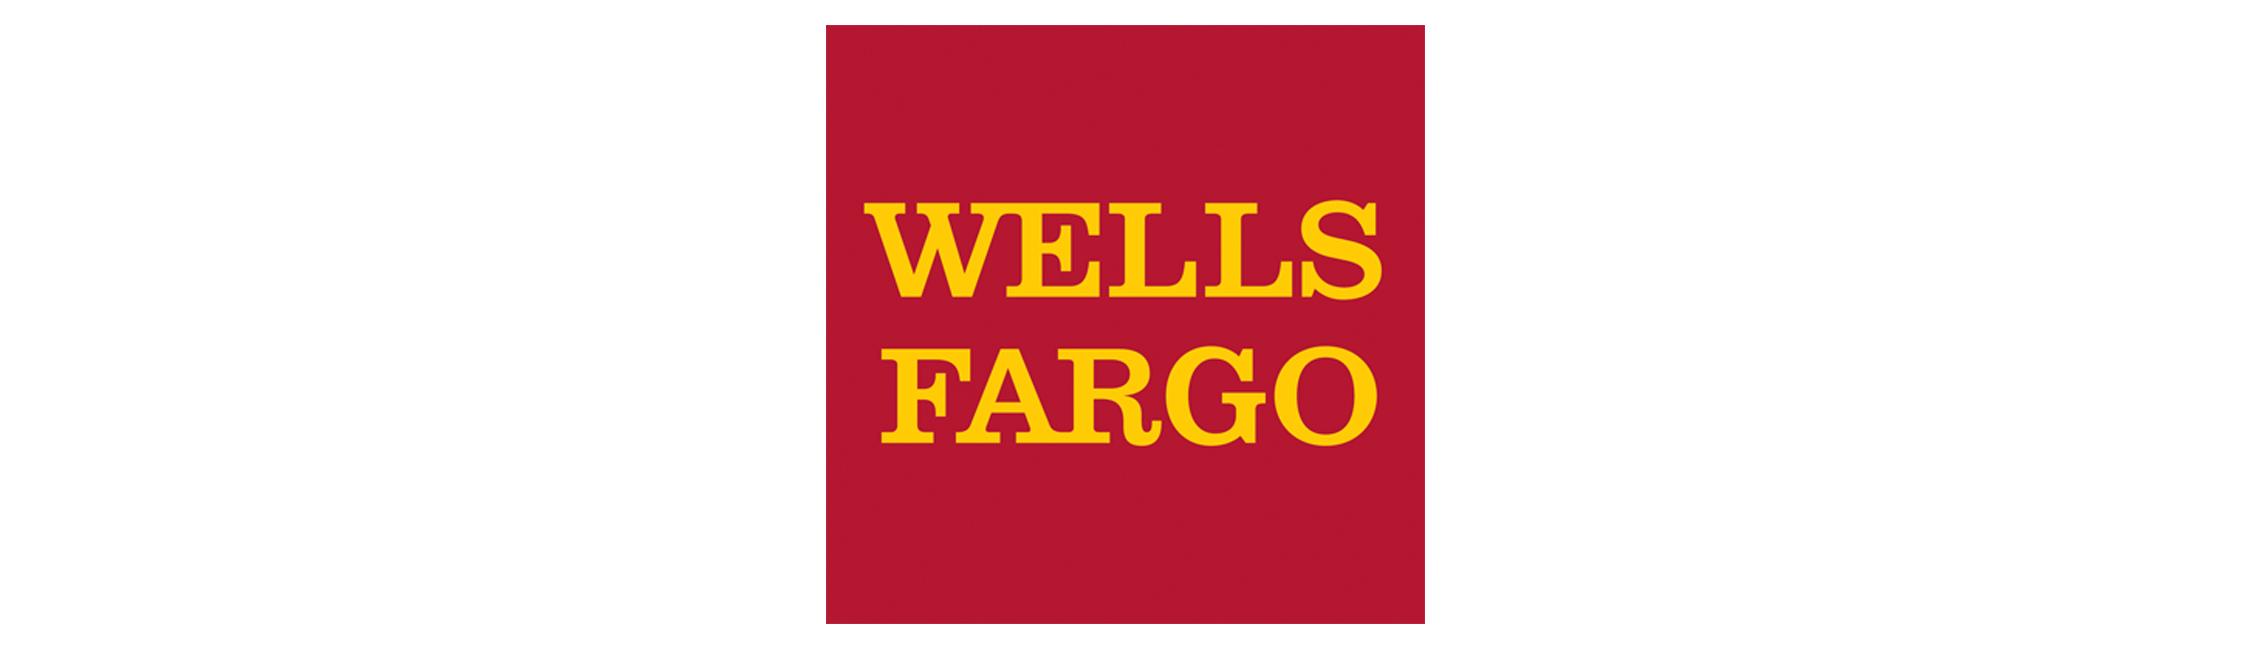 Wells Fargo Division Of Student Affairs